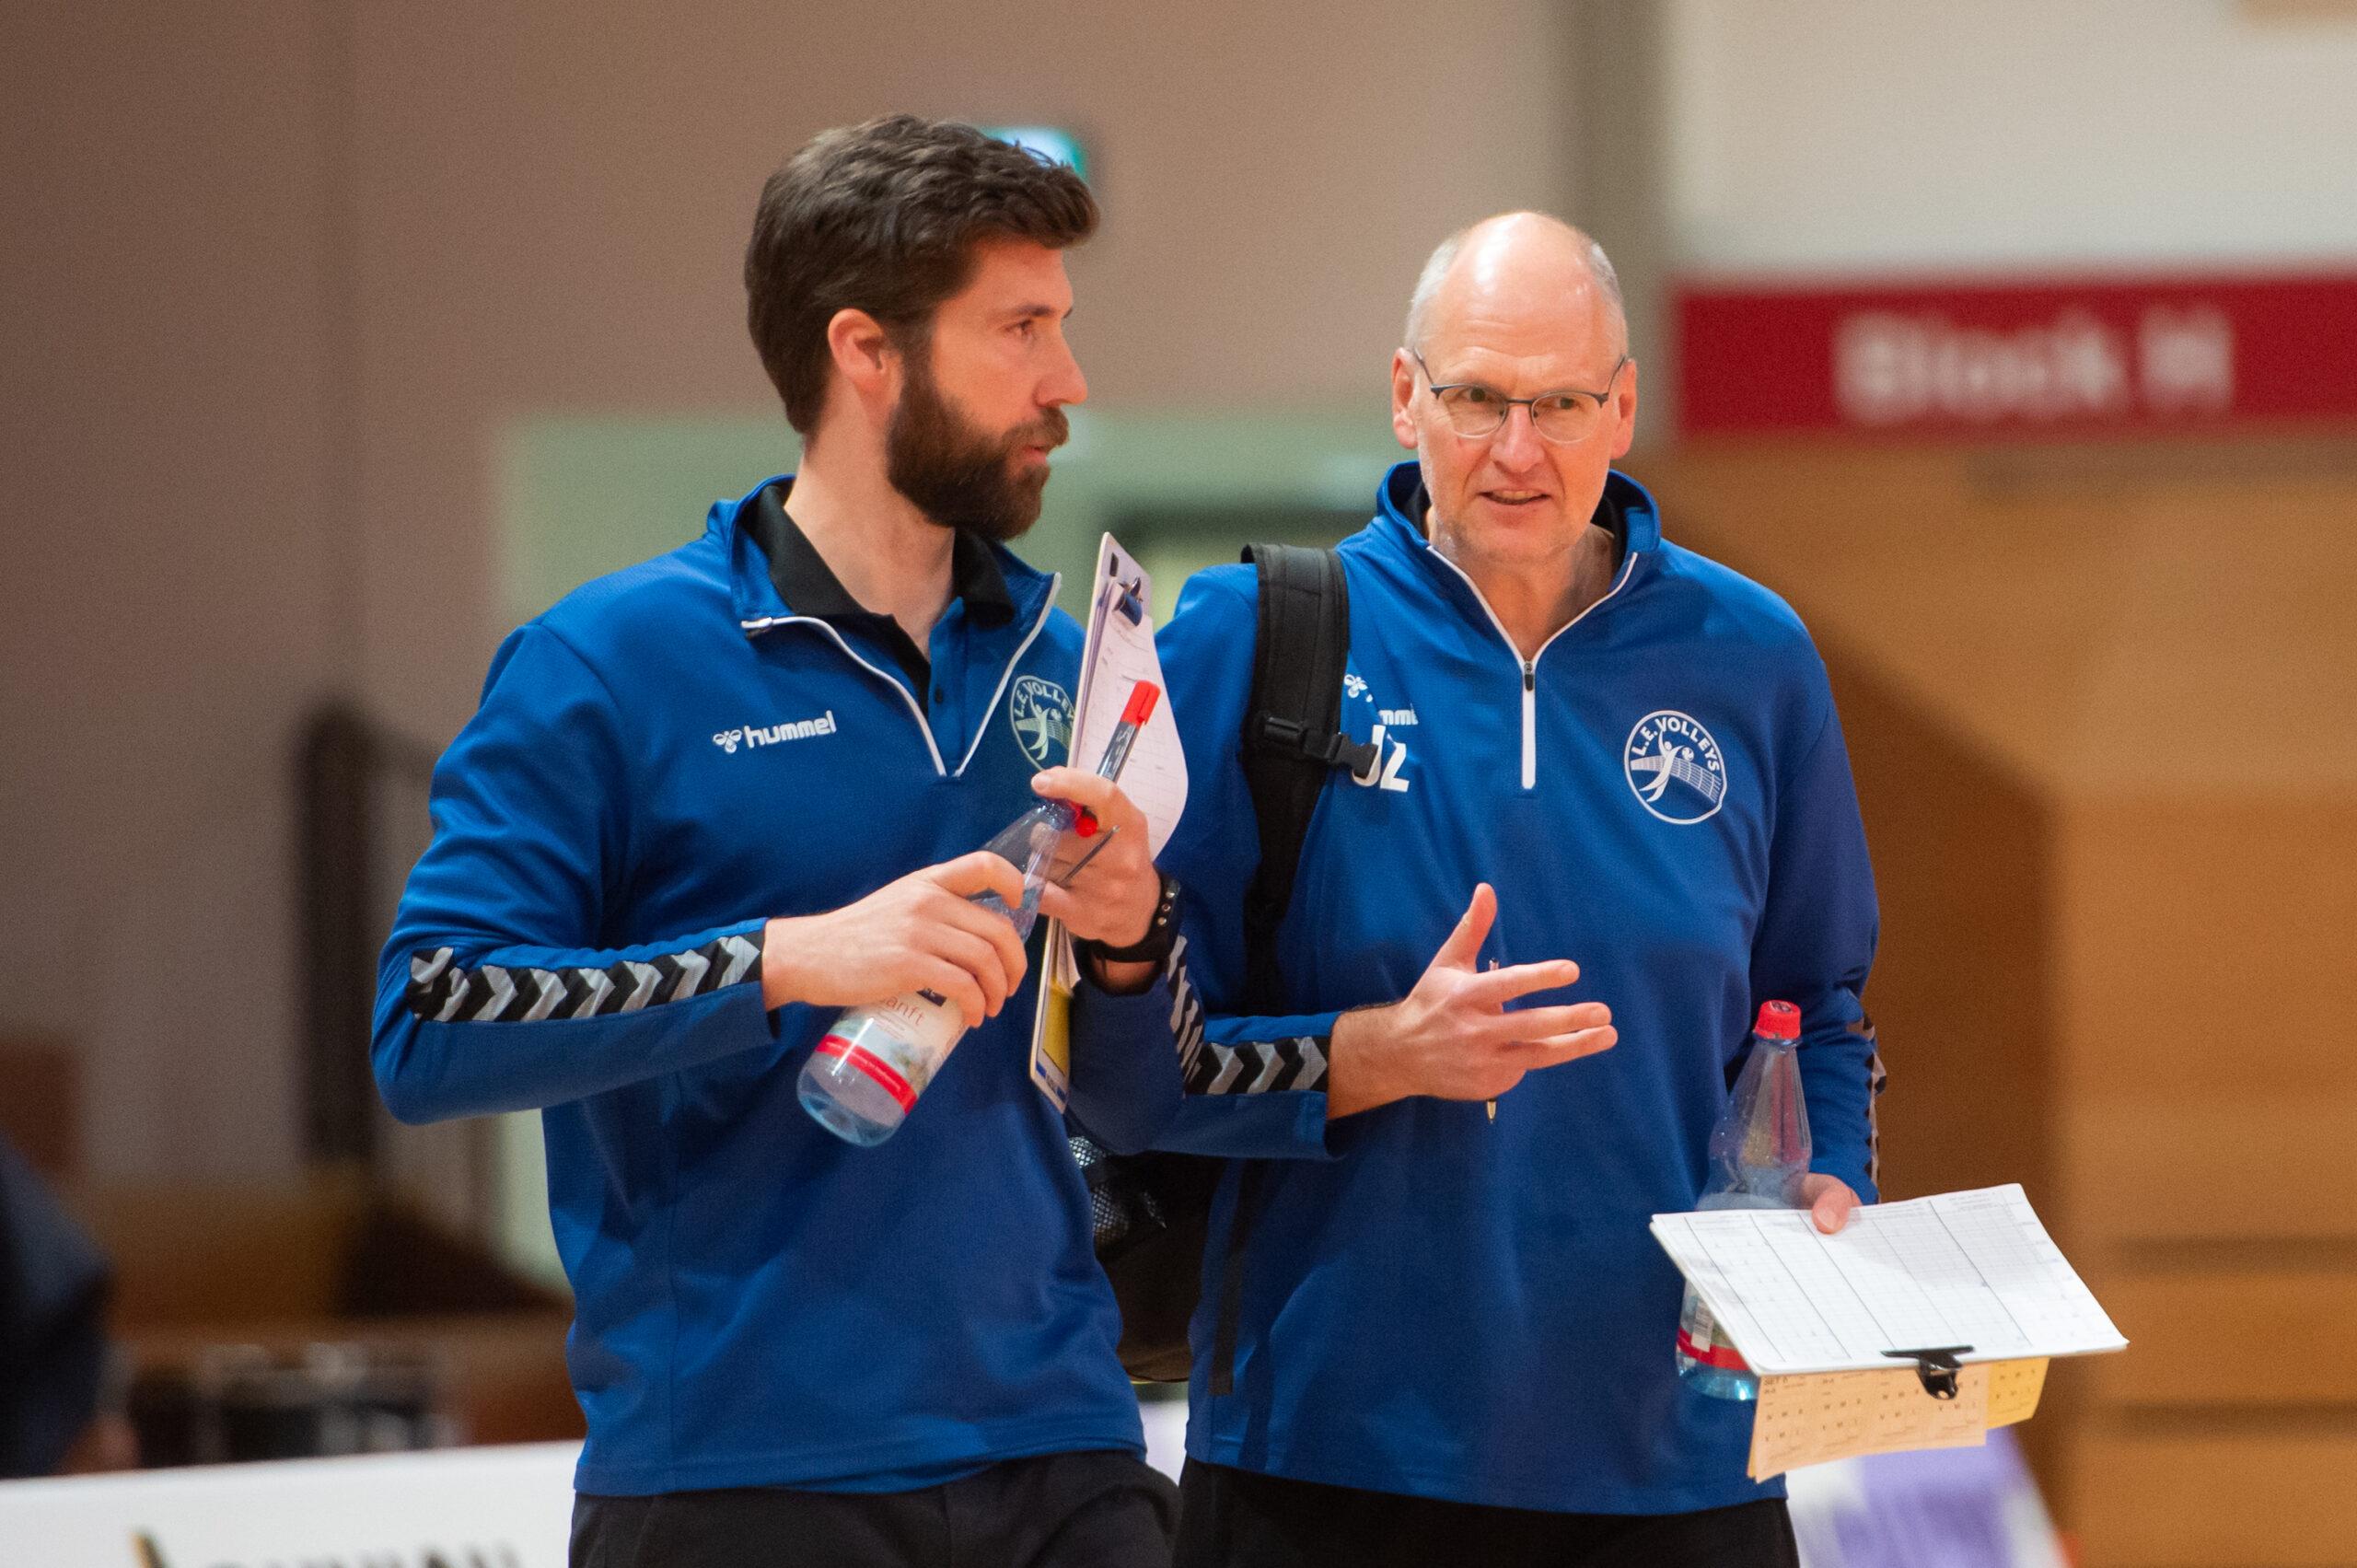 Volleys Trainer Christoph Rascher und Volleys Co-Trainer Jan Zangrando   L.E. Volleys Leipzig vs FT 1844 Freiburg, Volleyball, 2.Liga, 13.03.2021